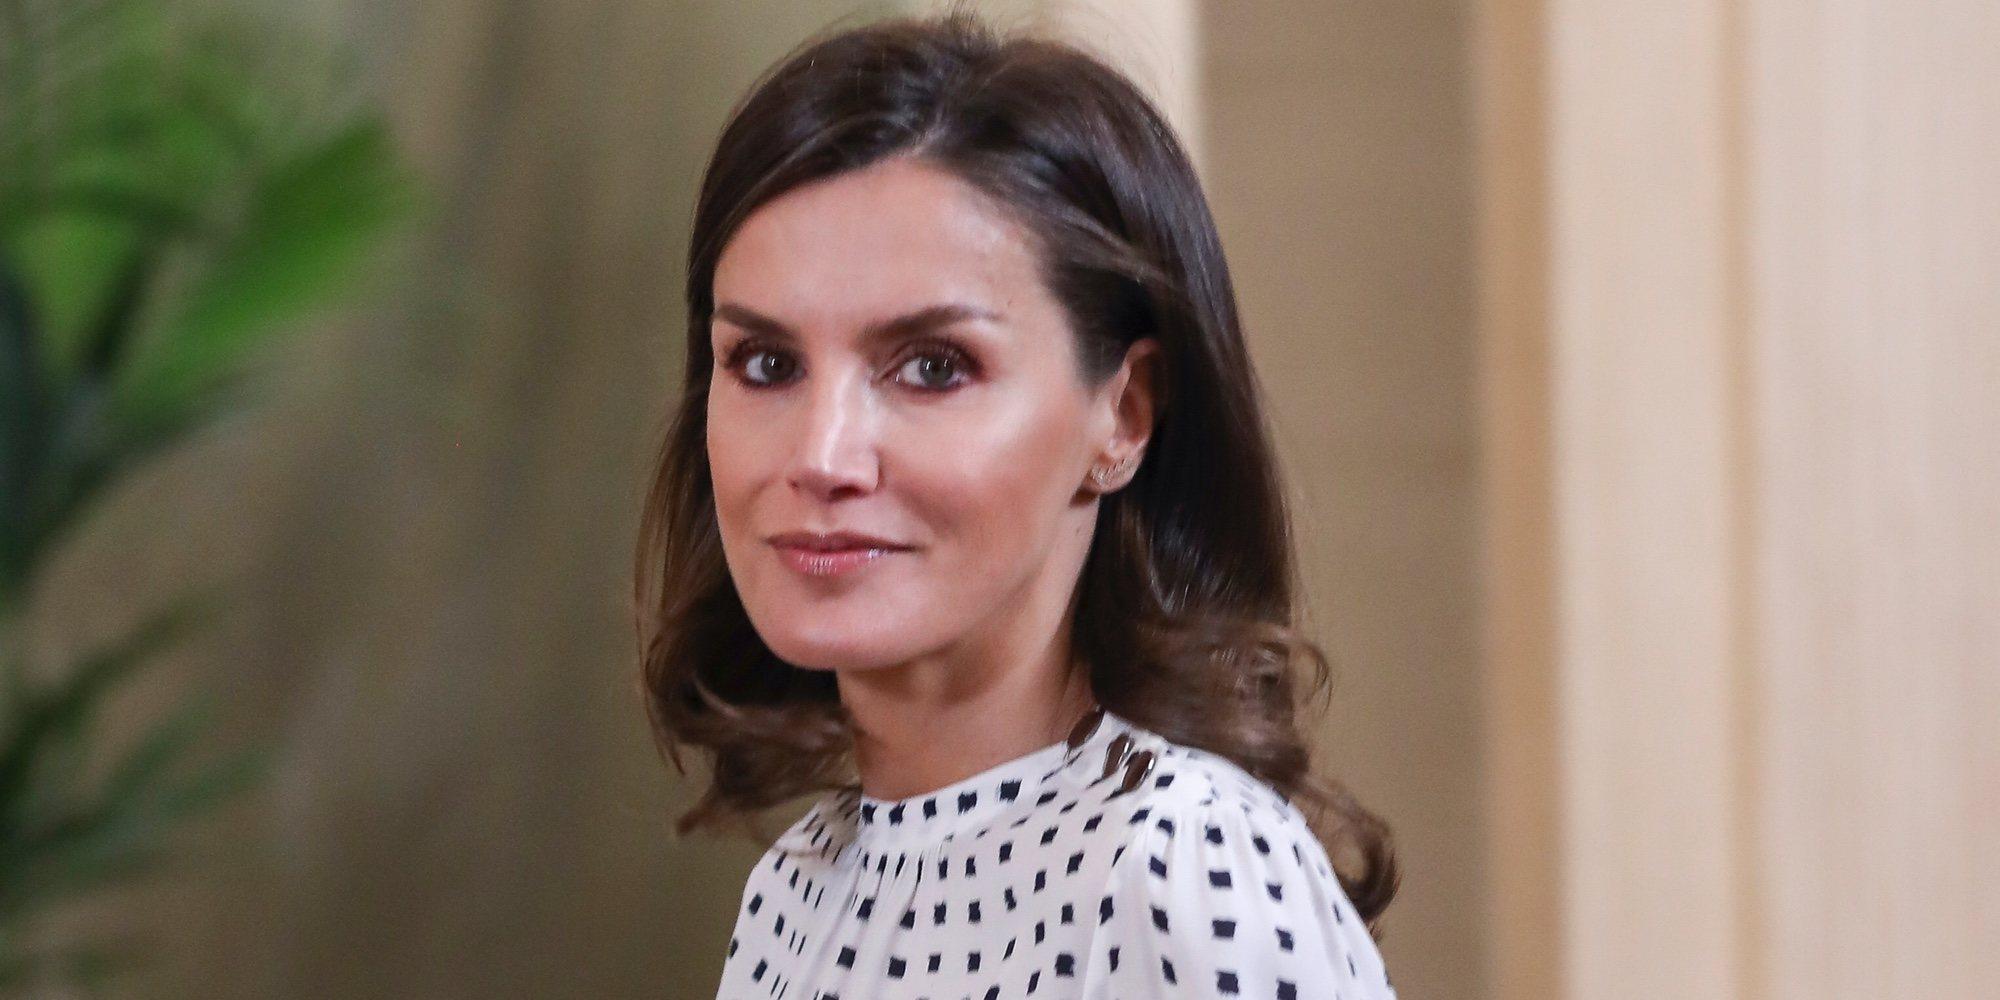 La Reina Letizia, más cariñosa que nunca en una audiencia en el Palacio de la Zarzuela